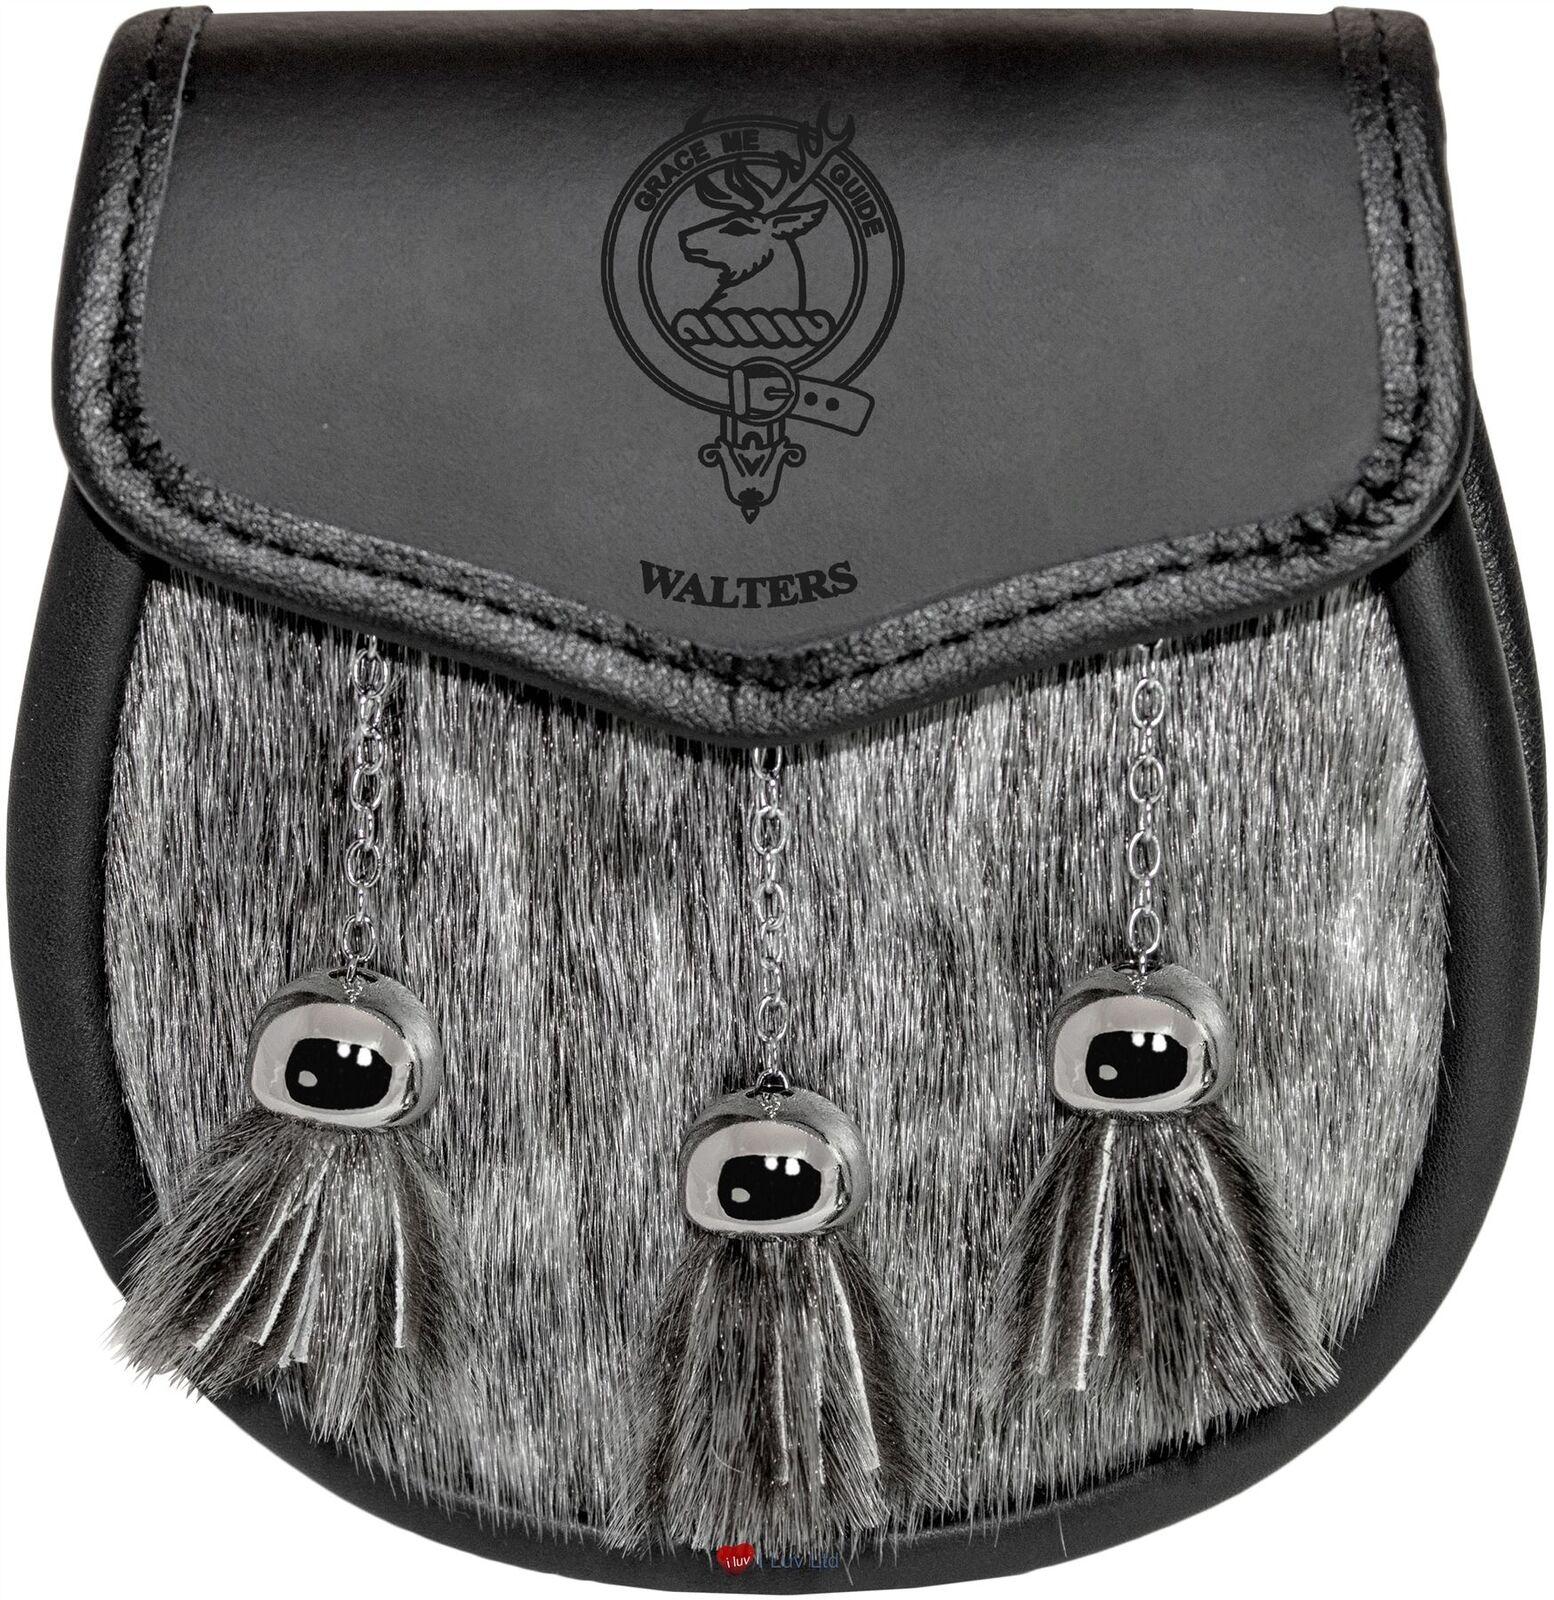 Walters Semi Dress Sporran Fur Plain Leather Flap Scottish Clan Crest